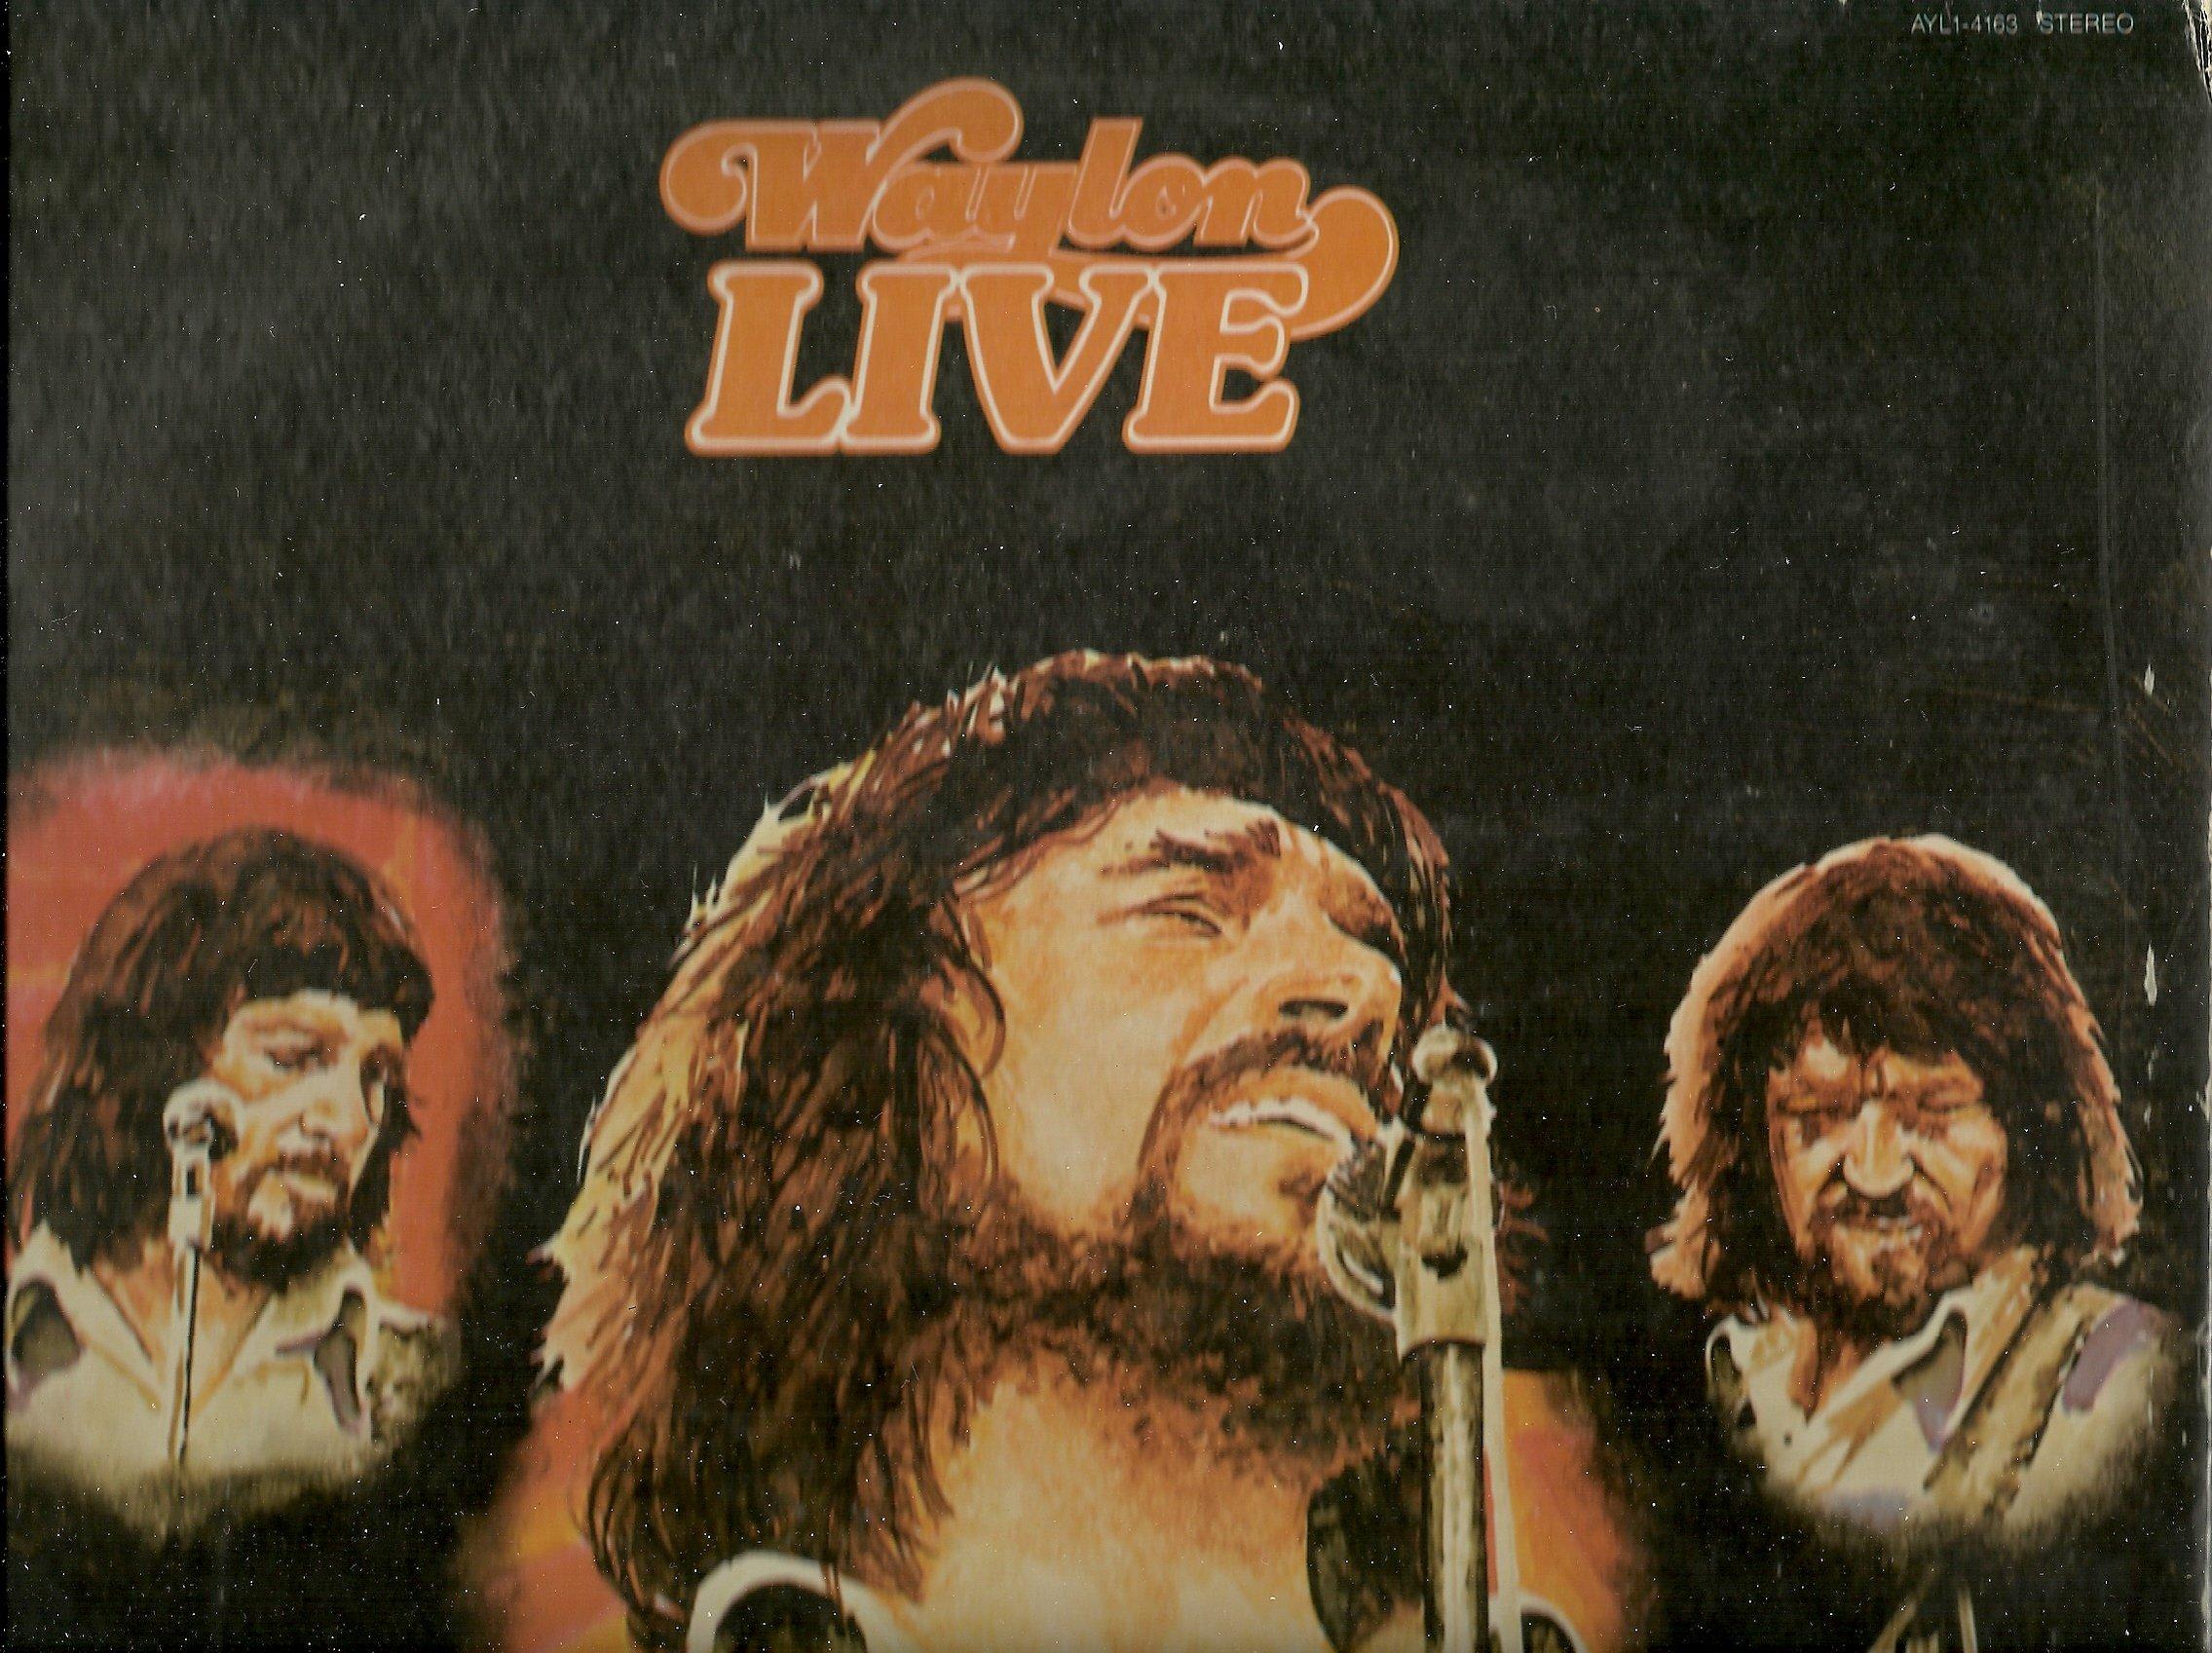 Waylon Live by RCA